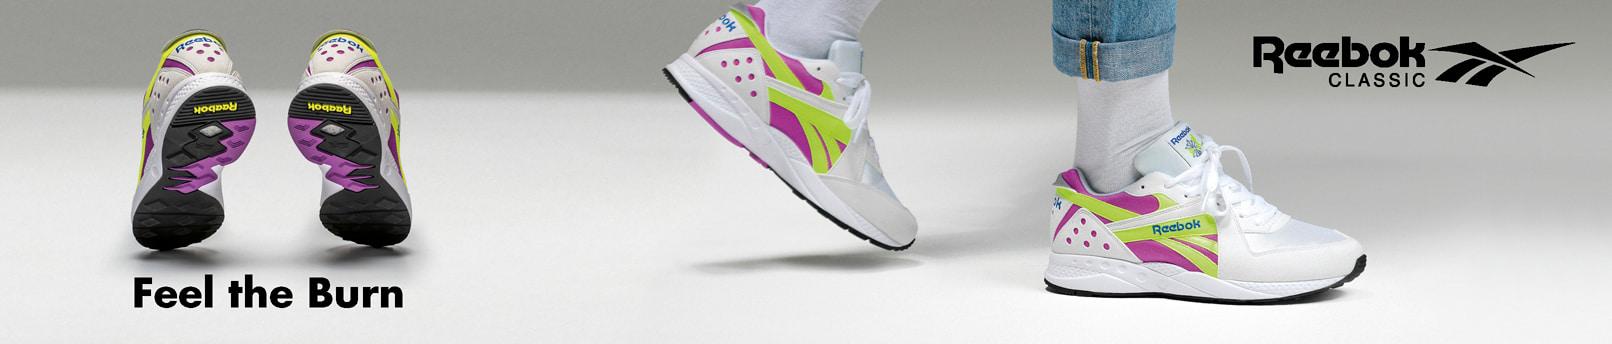 96206e0a029 23 Zapatos y tenis que tendras en tu mundo ideal t